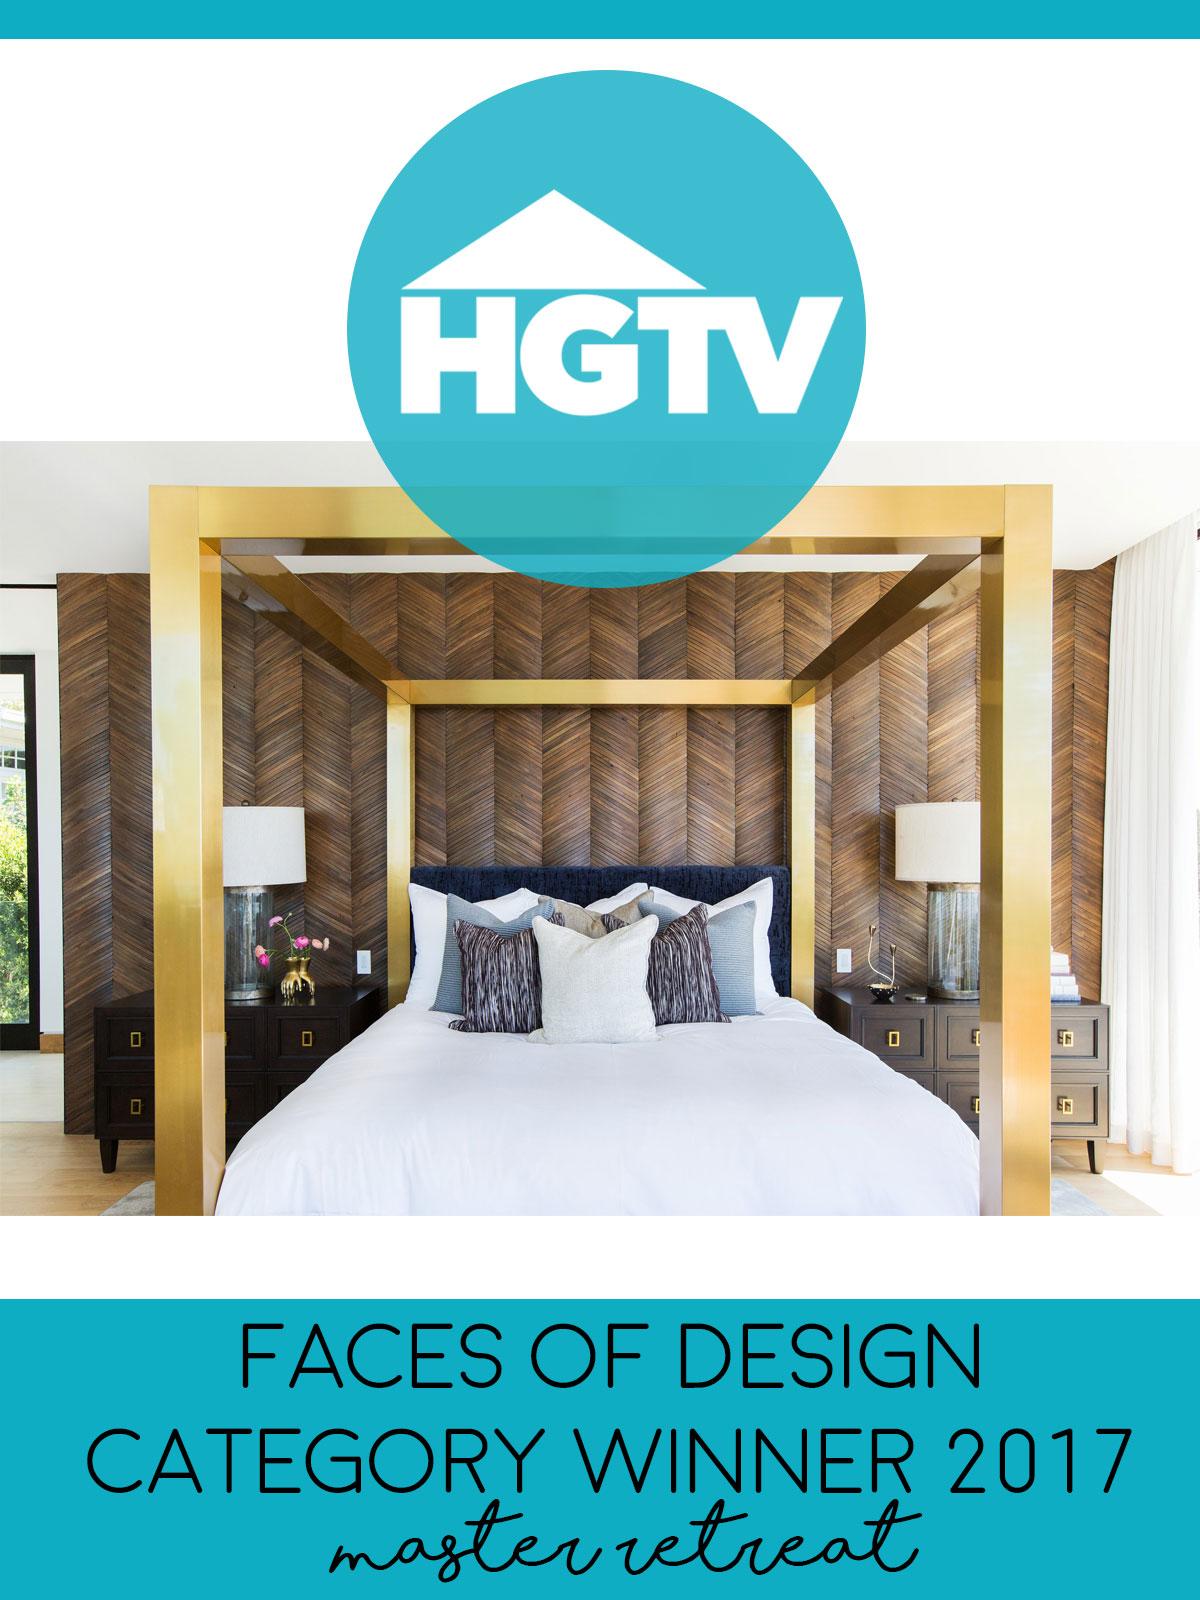 HGTV-Faces-Of-Design-2017